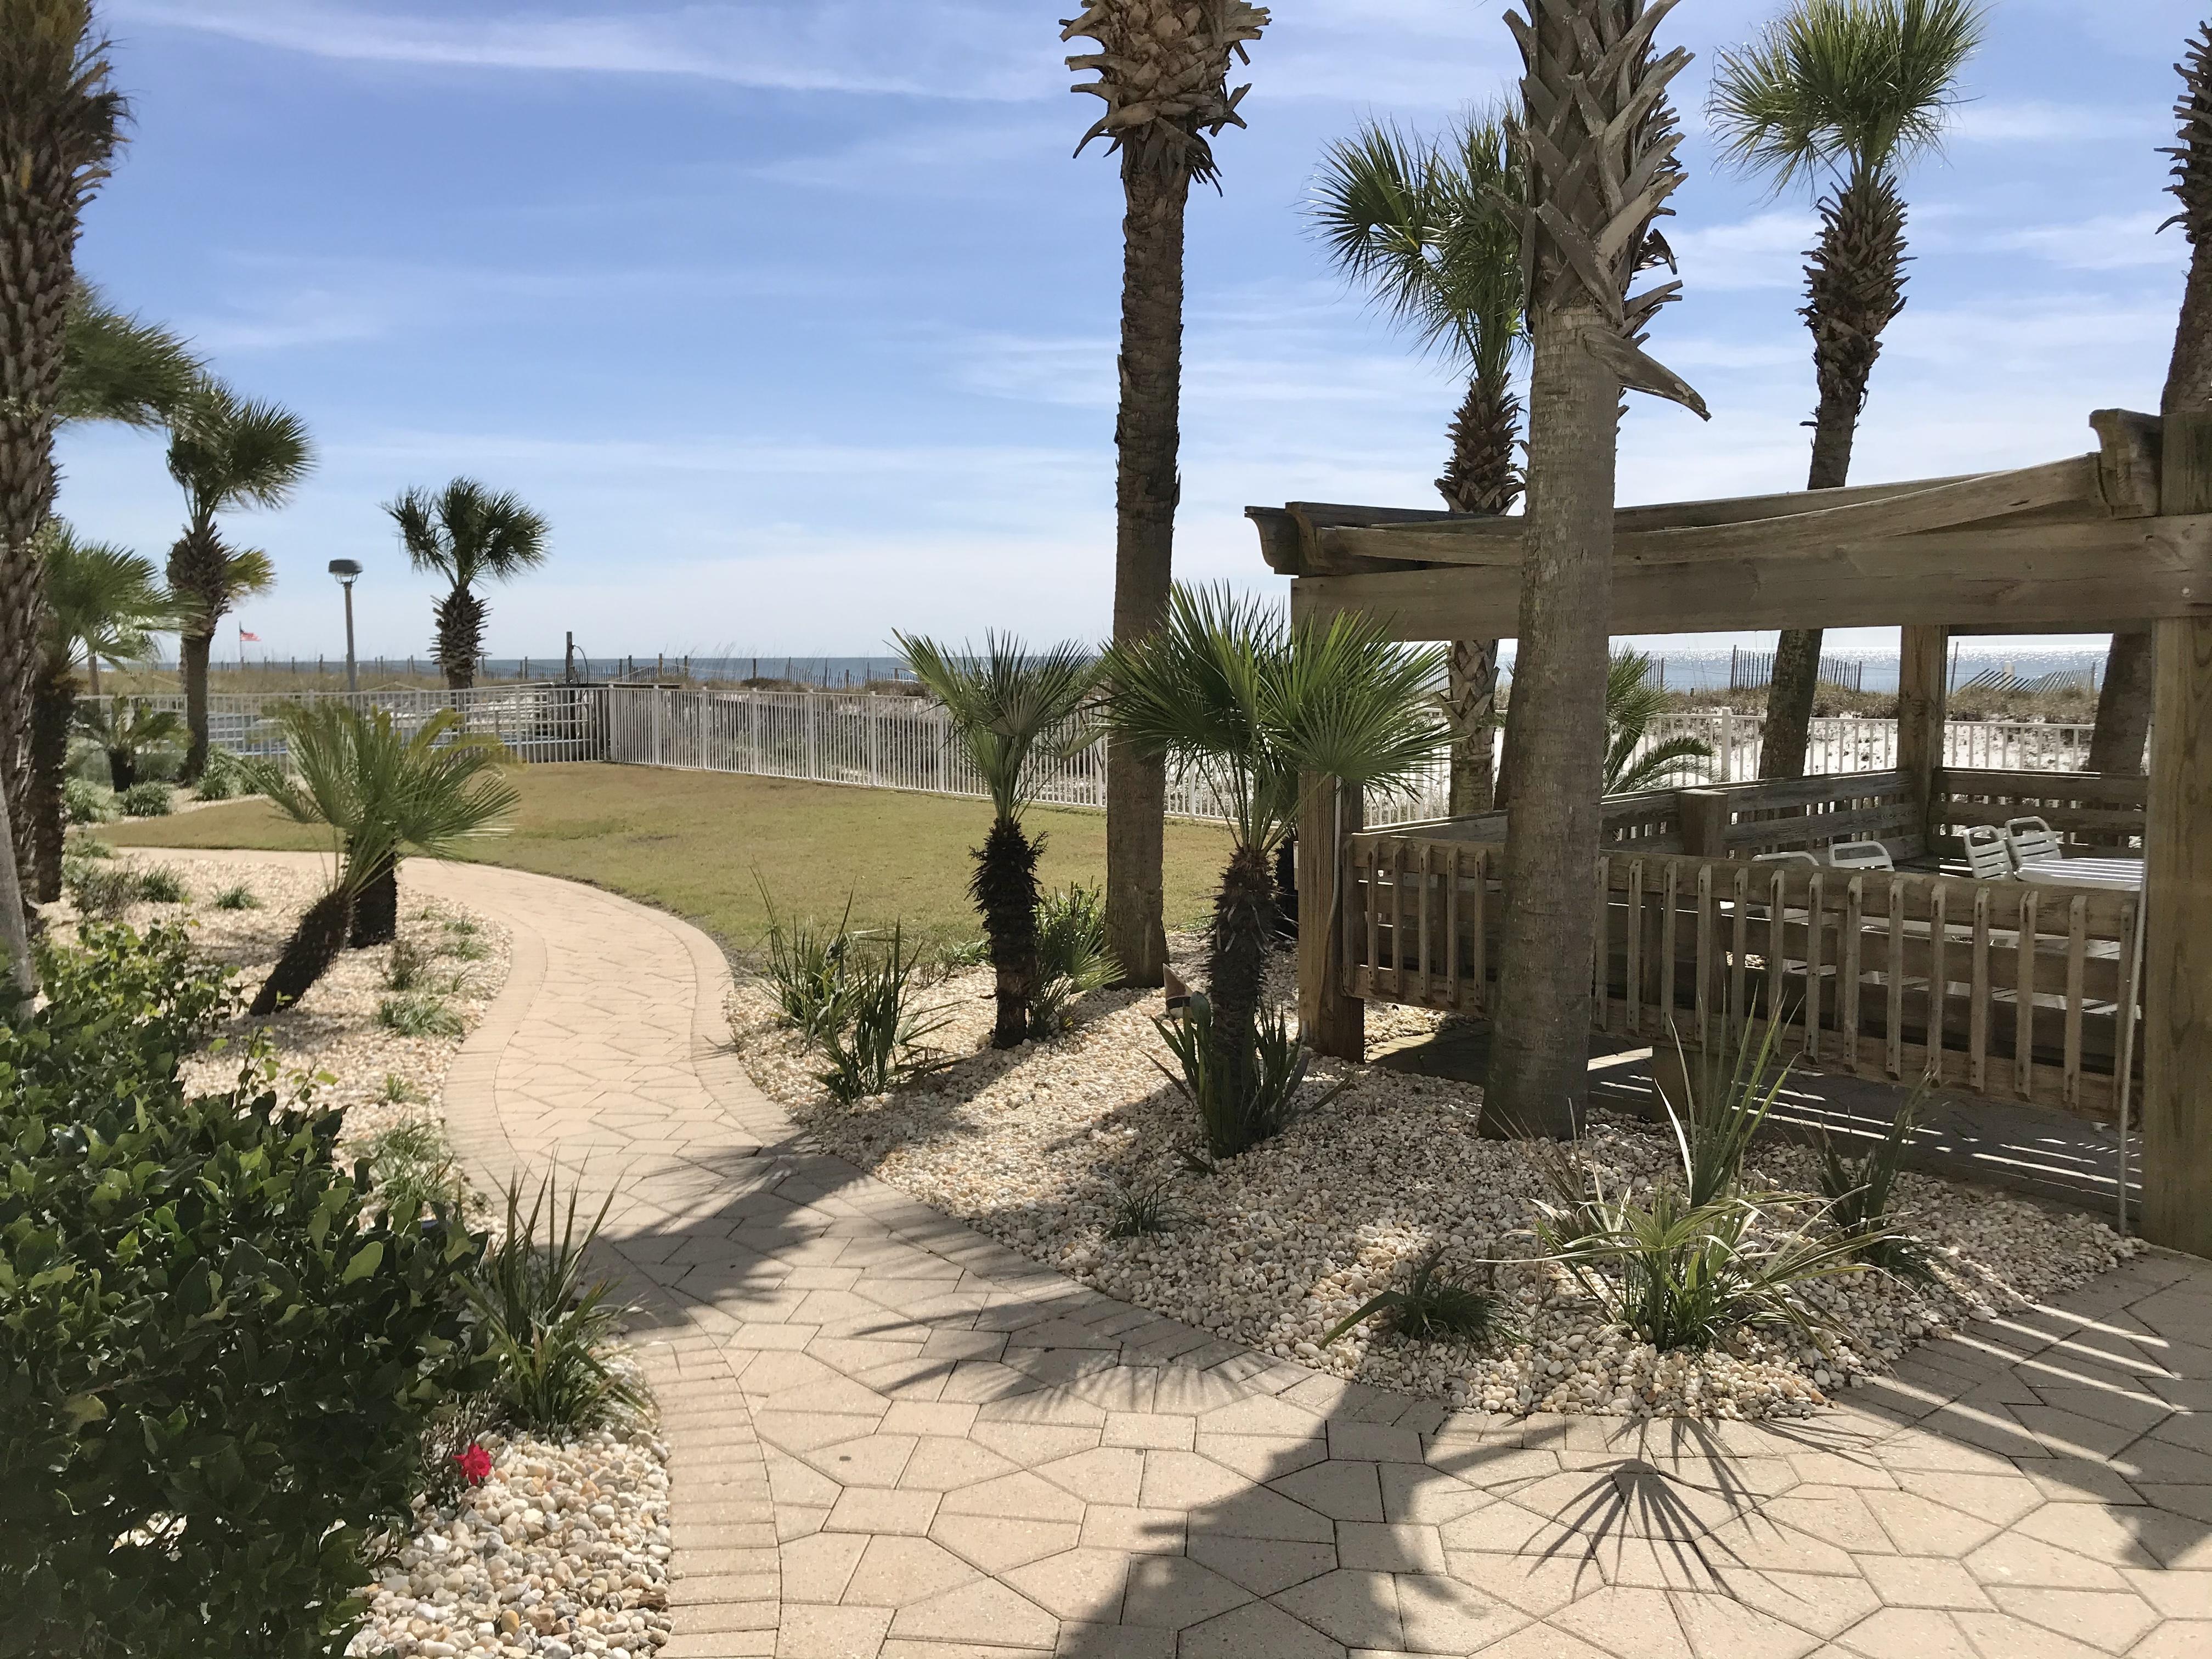 Ocean House 2204 Condo rental in Ocean House - Gulf Shores in Gulf Shores Alabama - #44